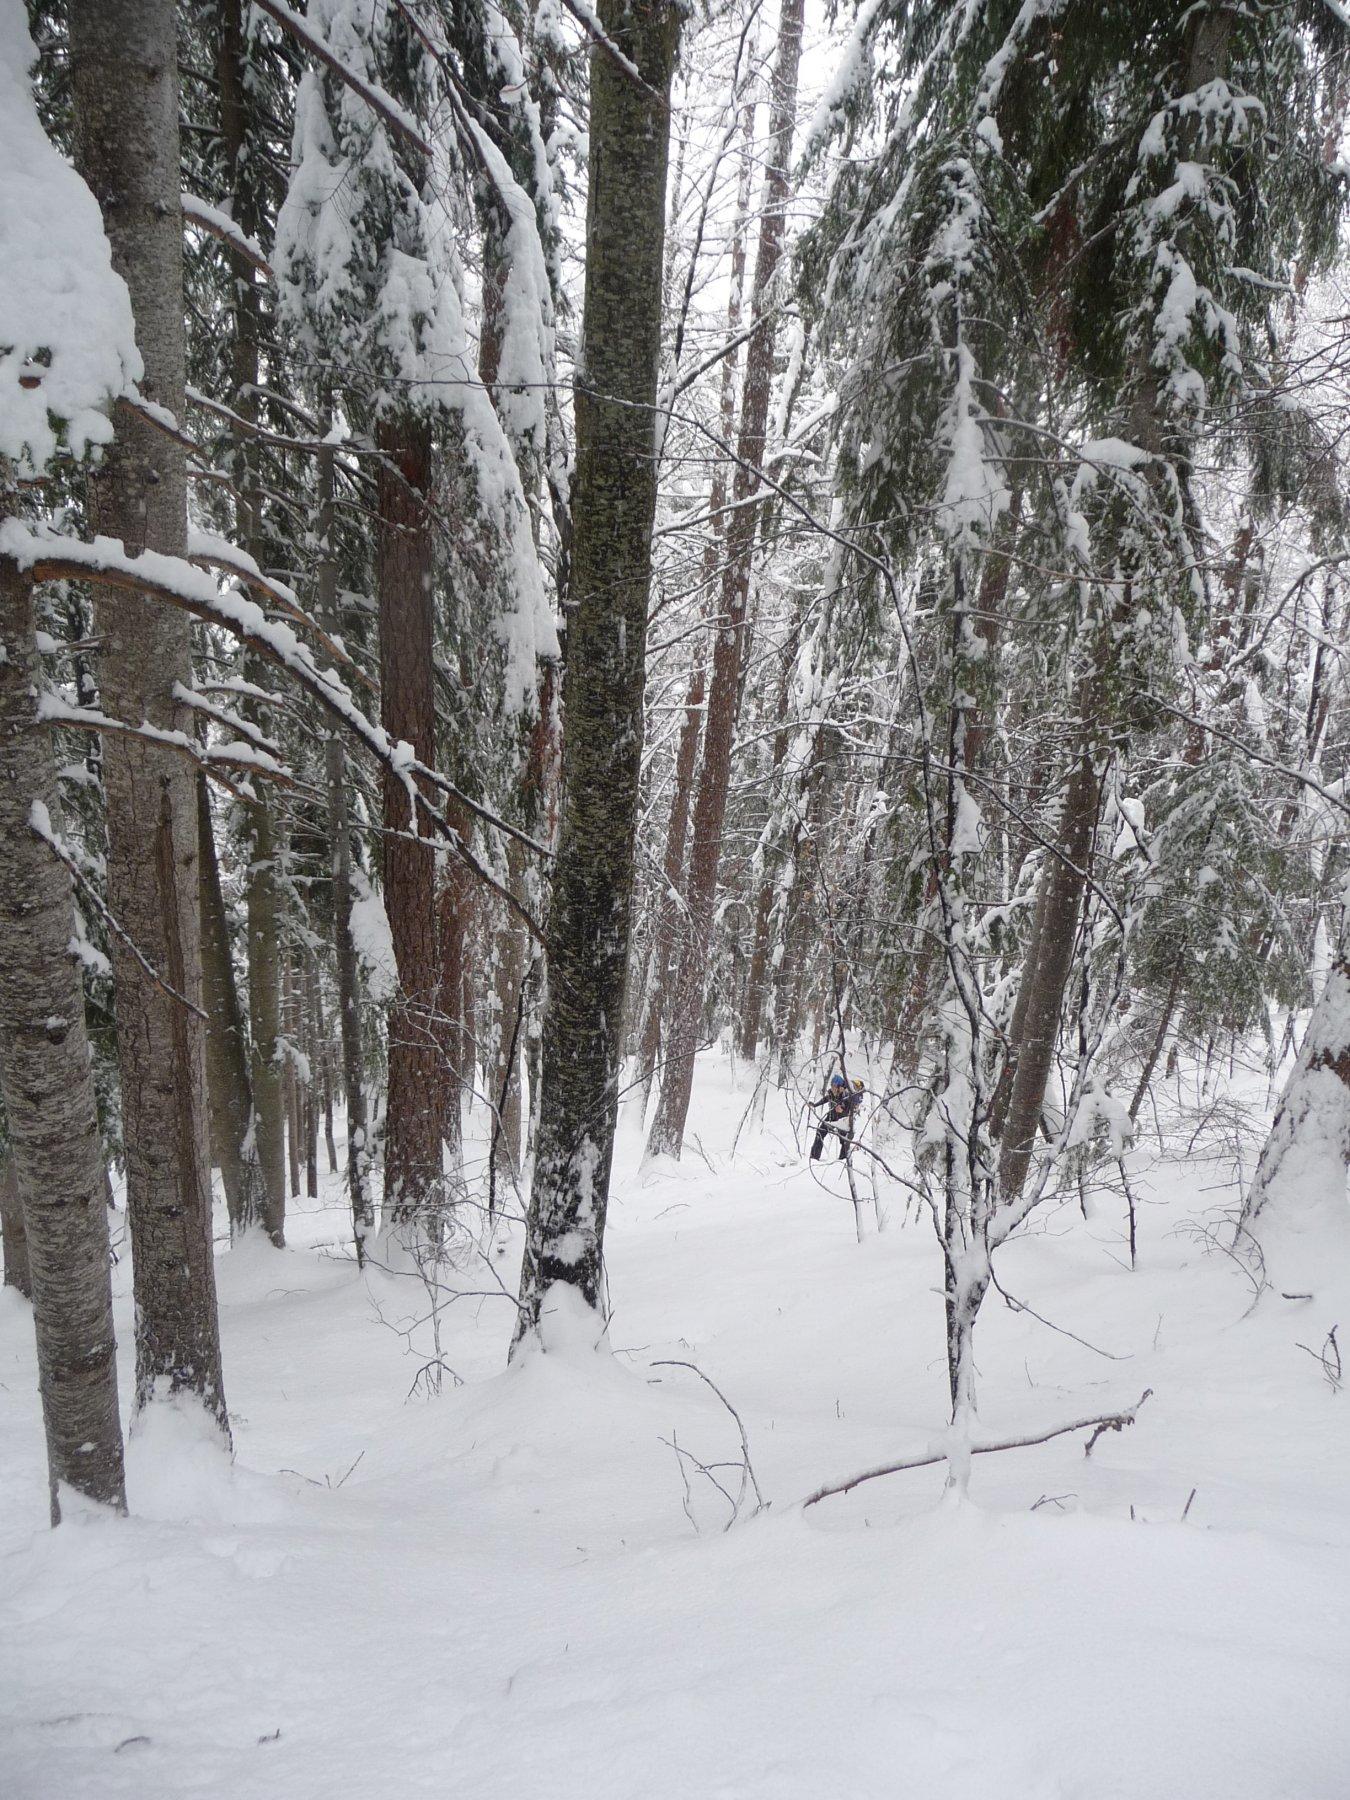 Salendo nella prima parte del bosco